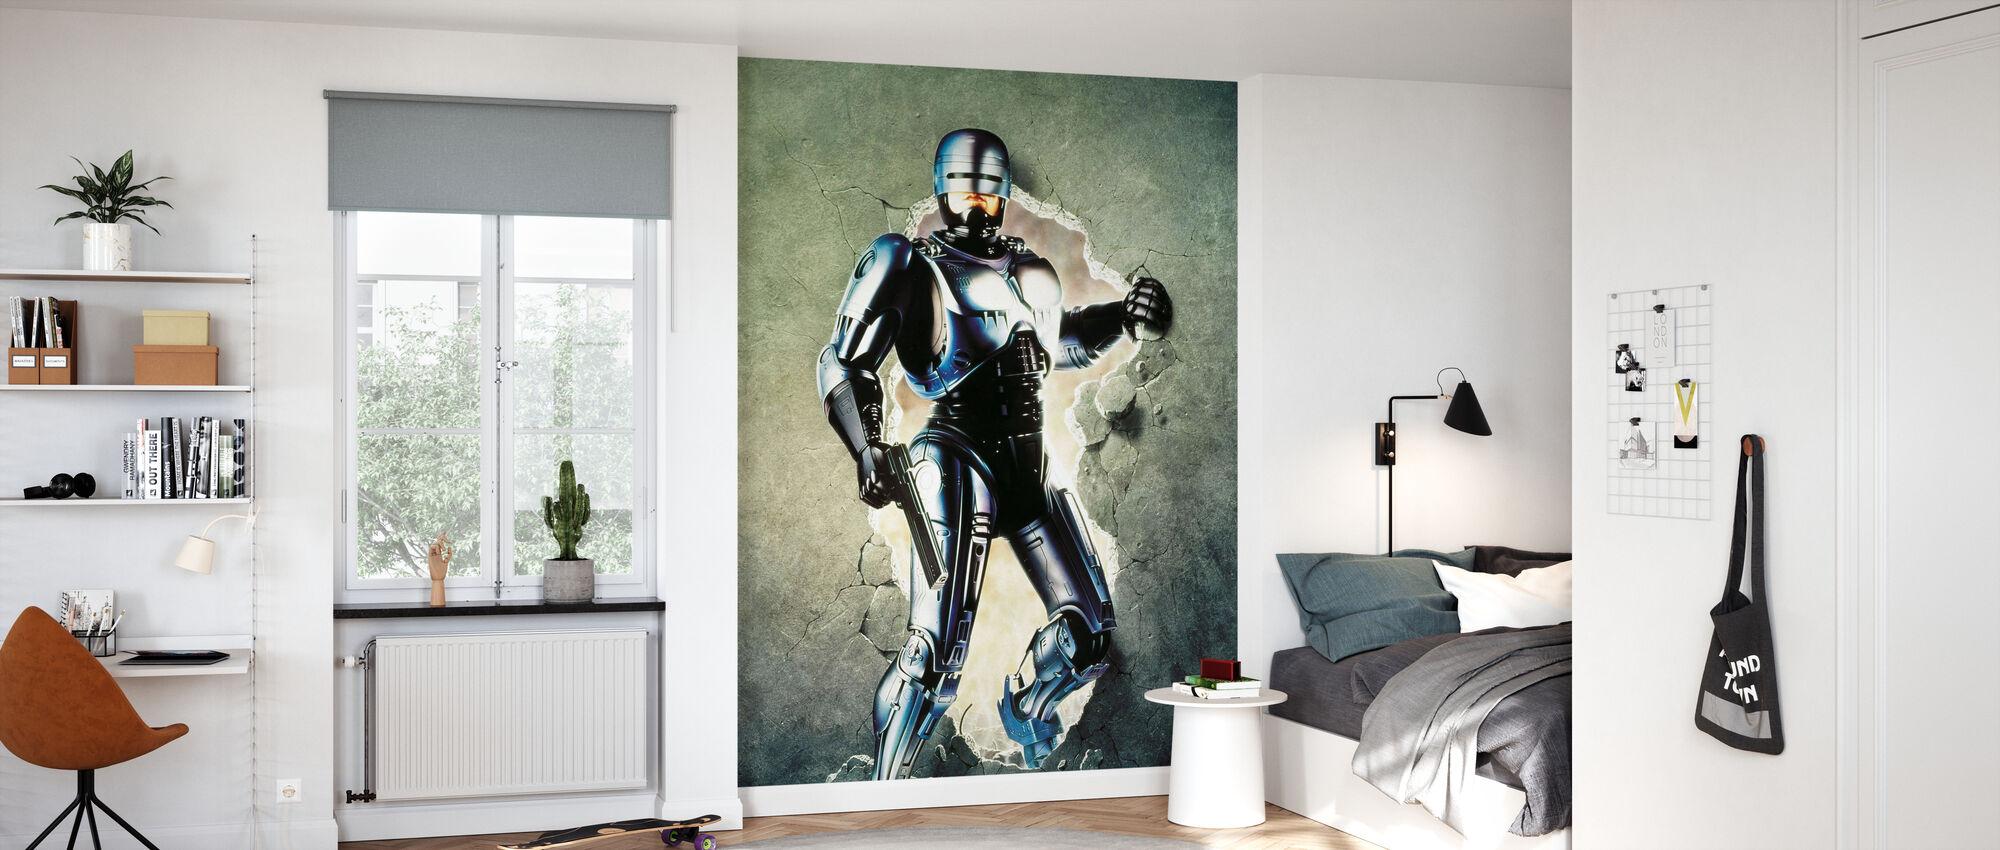 Peter Weller i Robocop 2 - Tapet - Barnrum